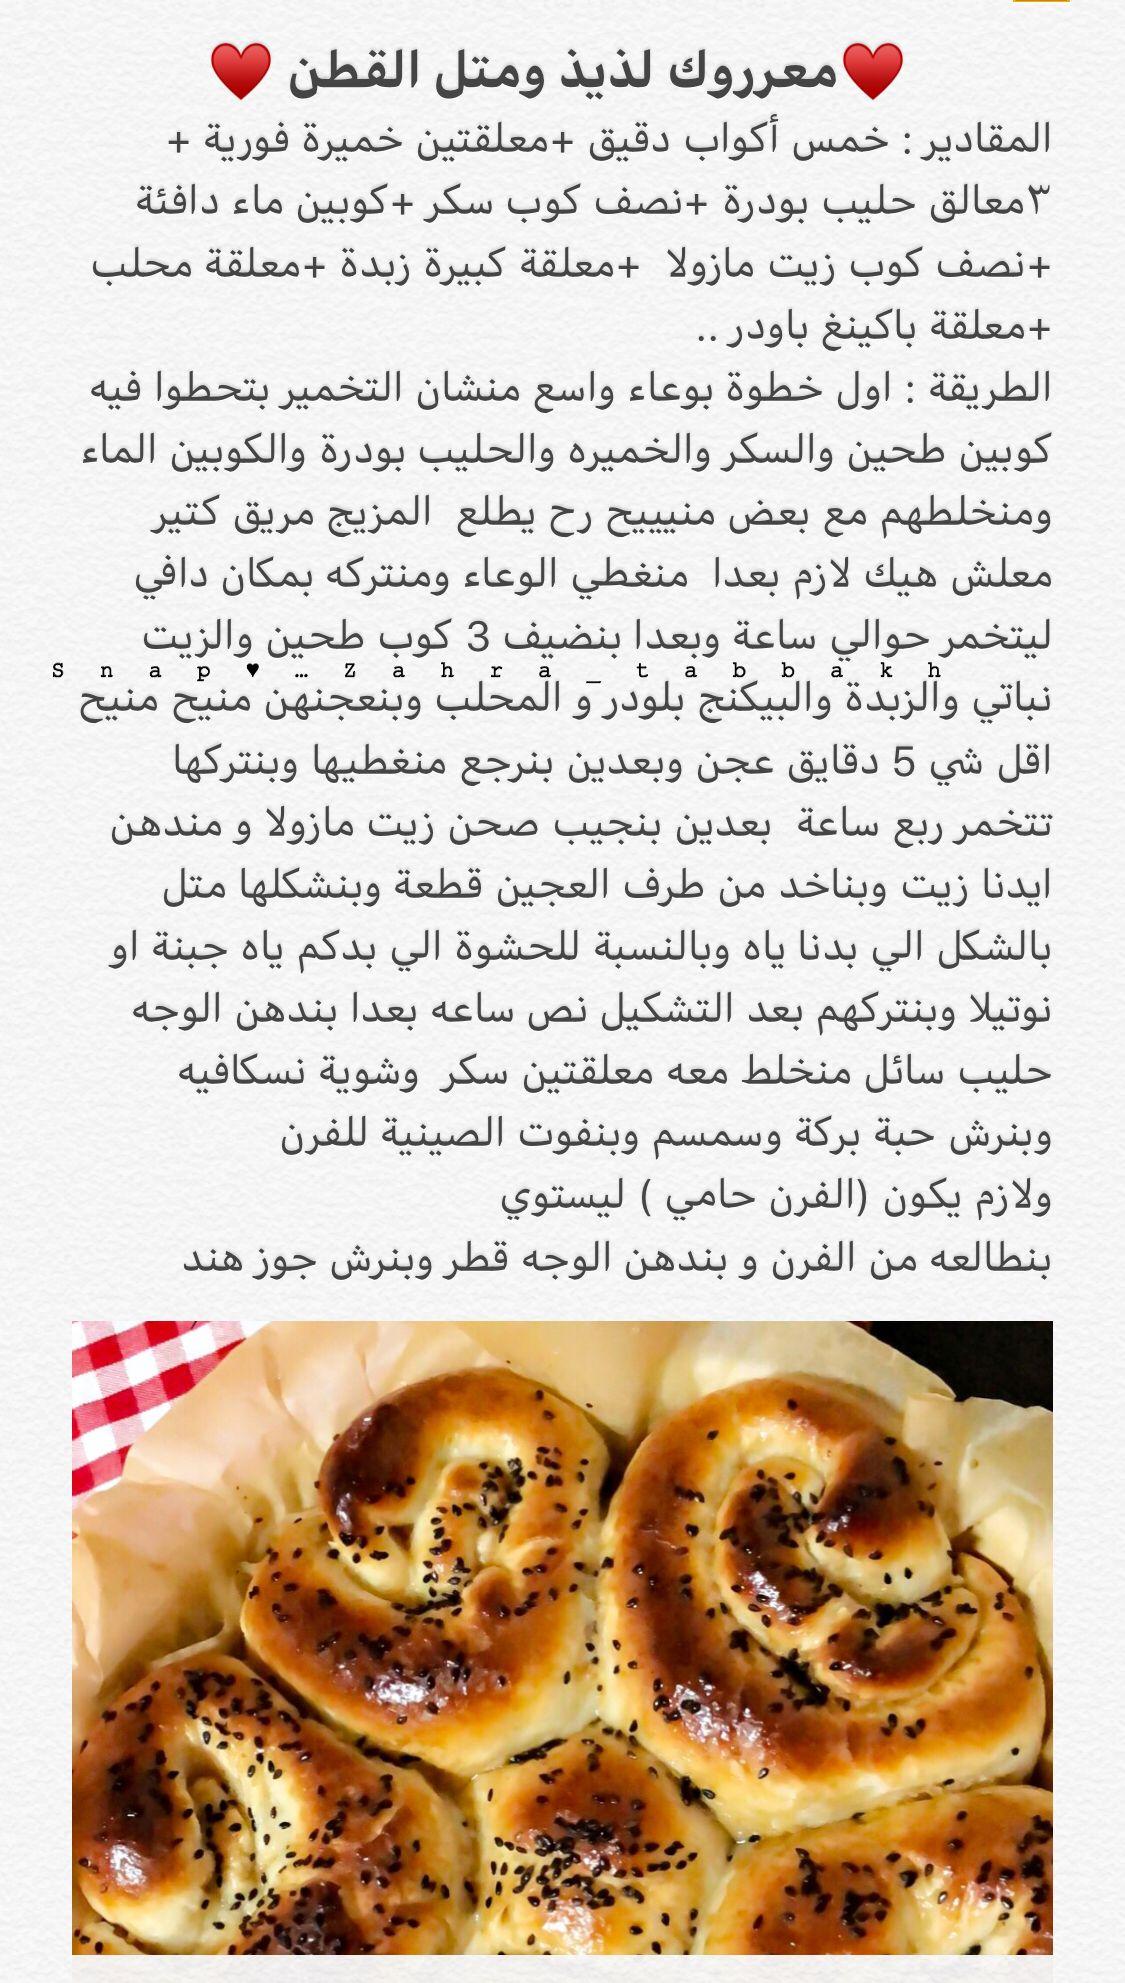 معروك سوري Recipes Cooking Food